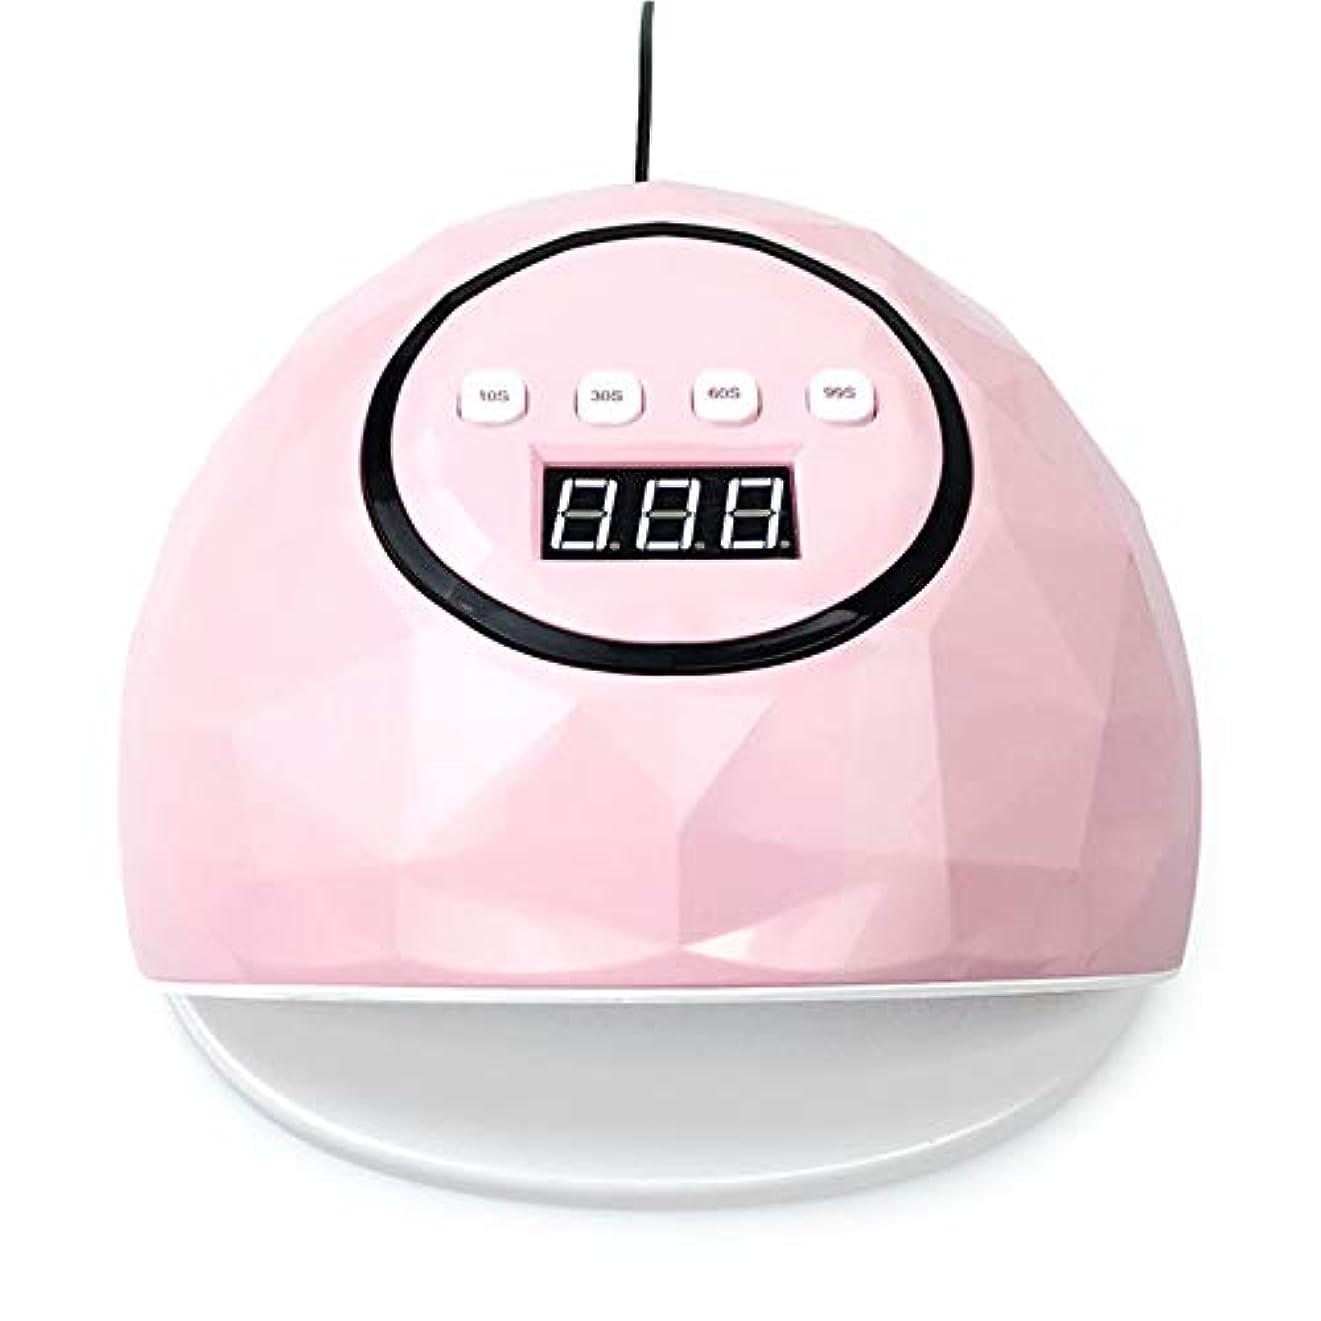 既に凍る陽気な86W UV LEDライトは、39 LEDネイルドライヤー、UVジェルネイルポリッシュを治すためにマニキュアマシンマニキュアを使用することができます,ピンク